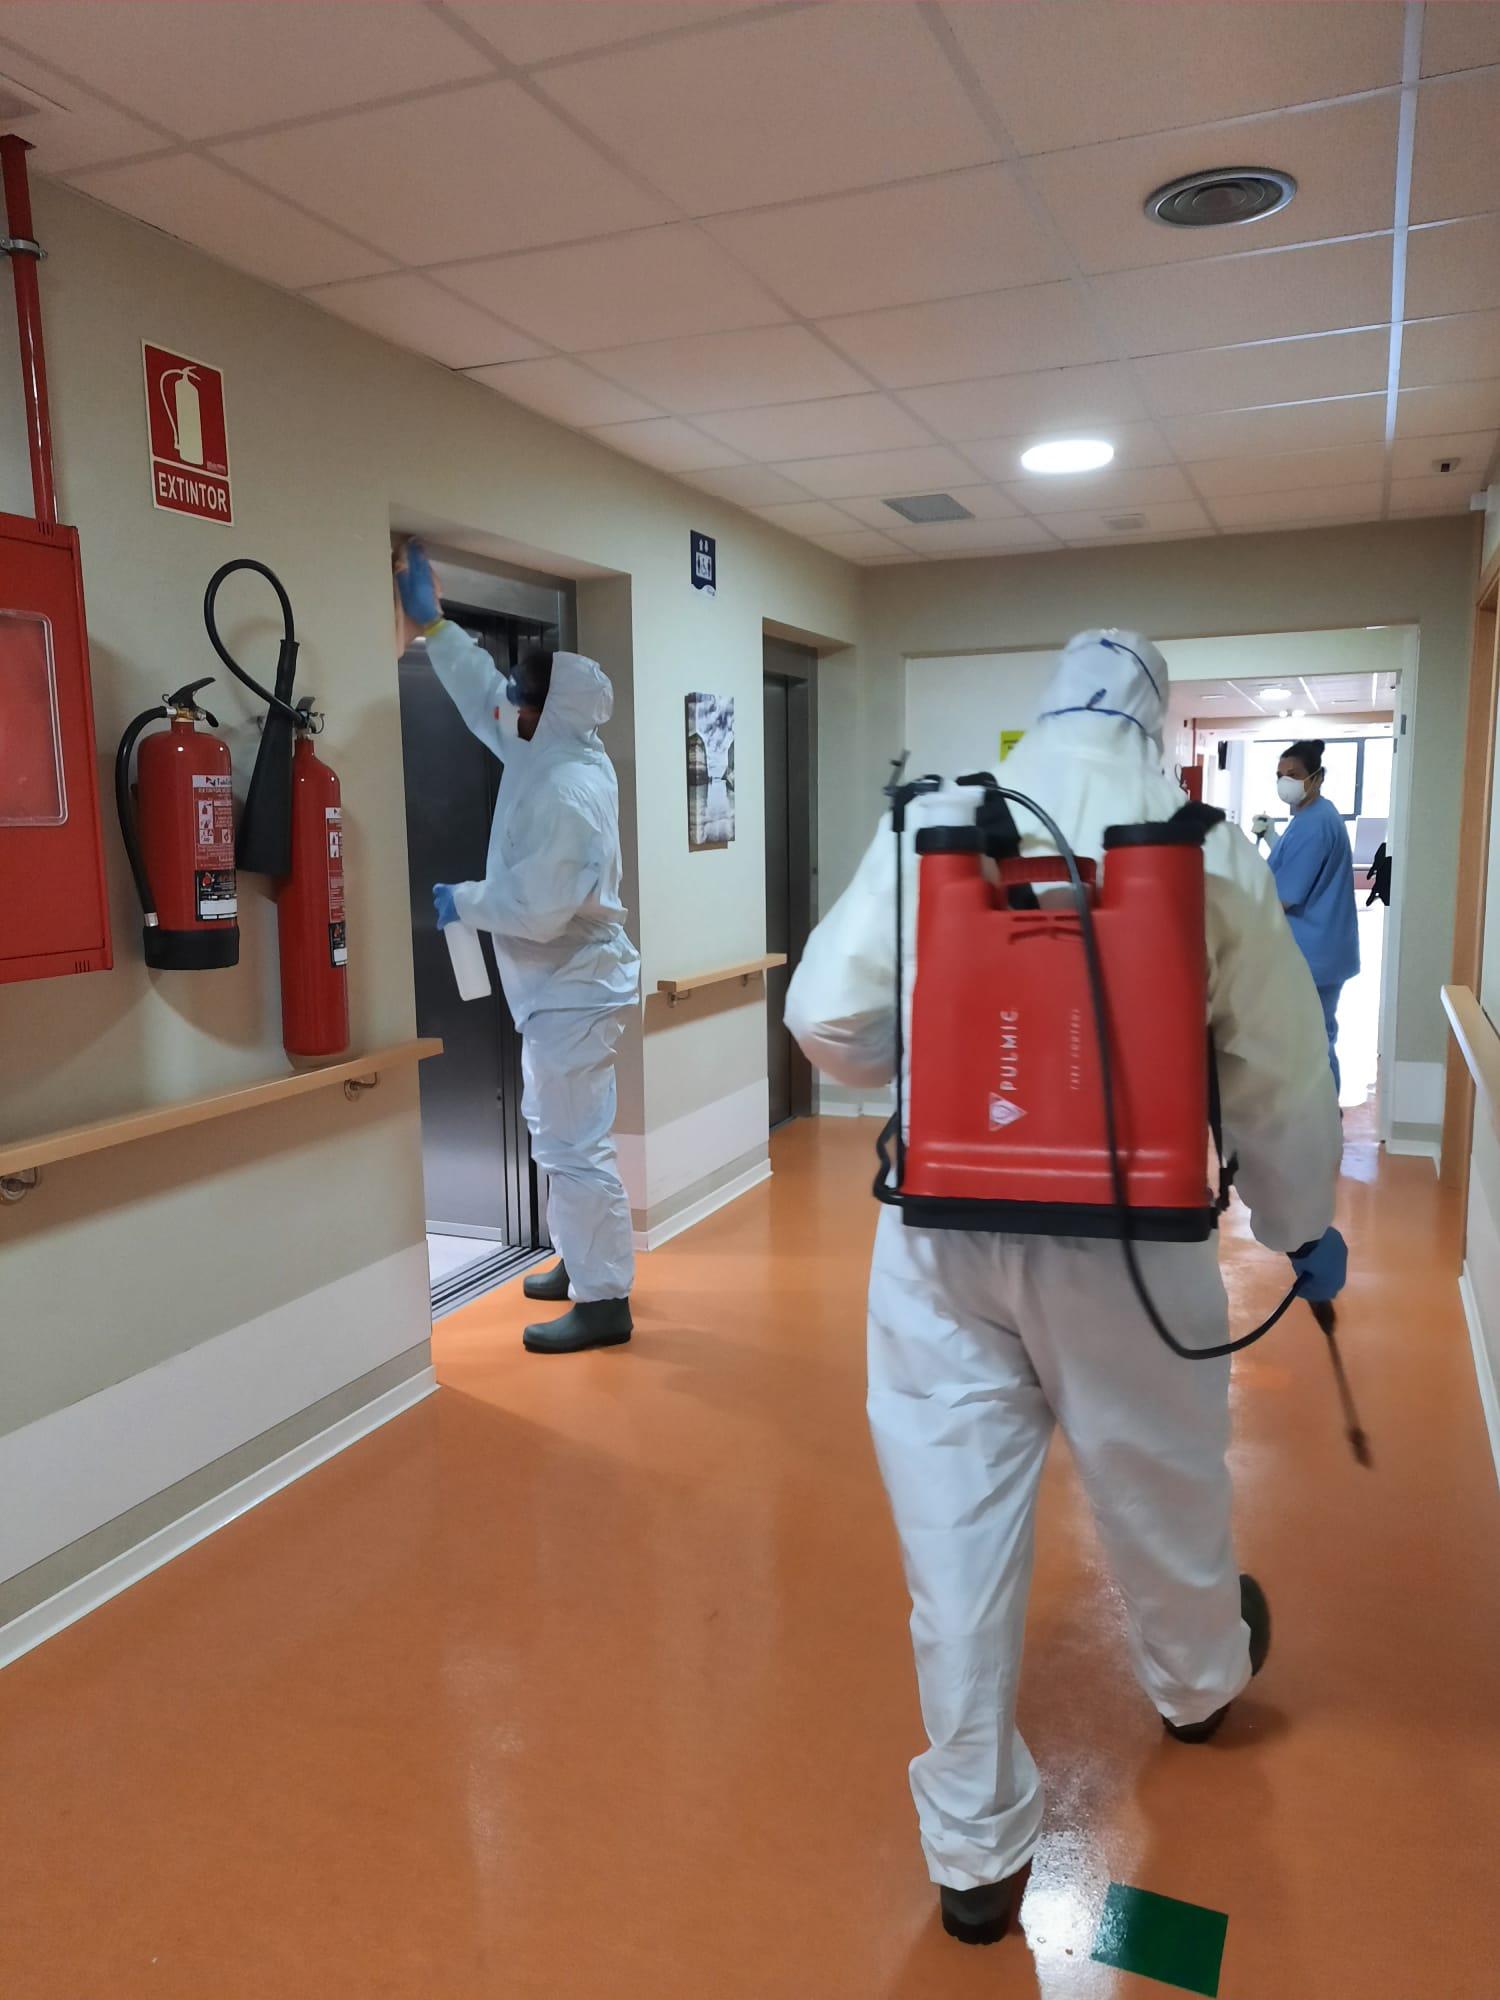 Se refuerzan las tareas de limpieza y desinfección en Hospital Asilo y Residencia de Mayores de Ribadeo